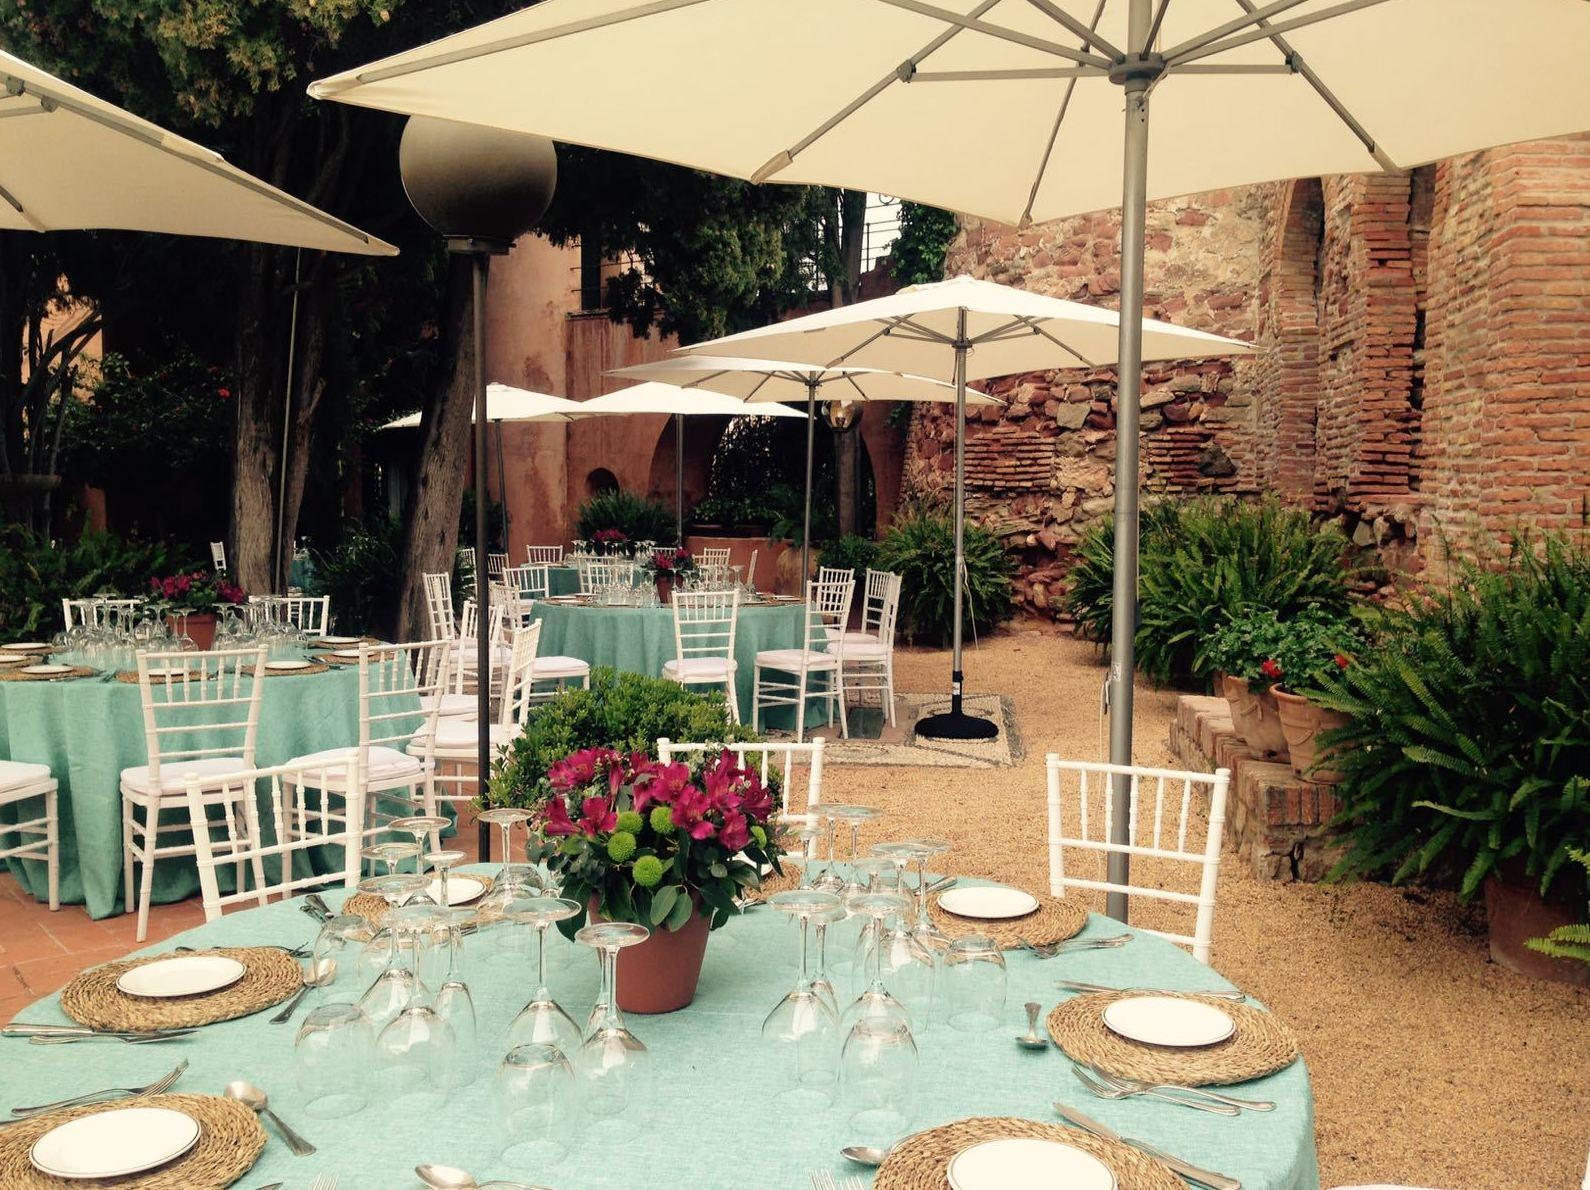 Foto 13 de Alquiler de sillas, mesas y menaje en Jerez de la Frontera | Jedal Alquileres